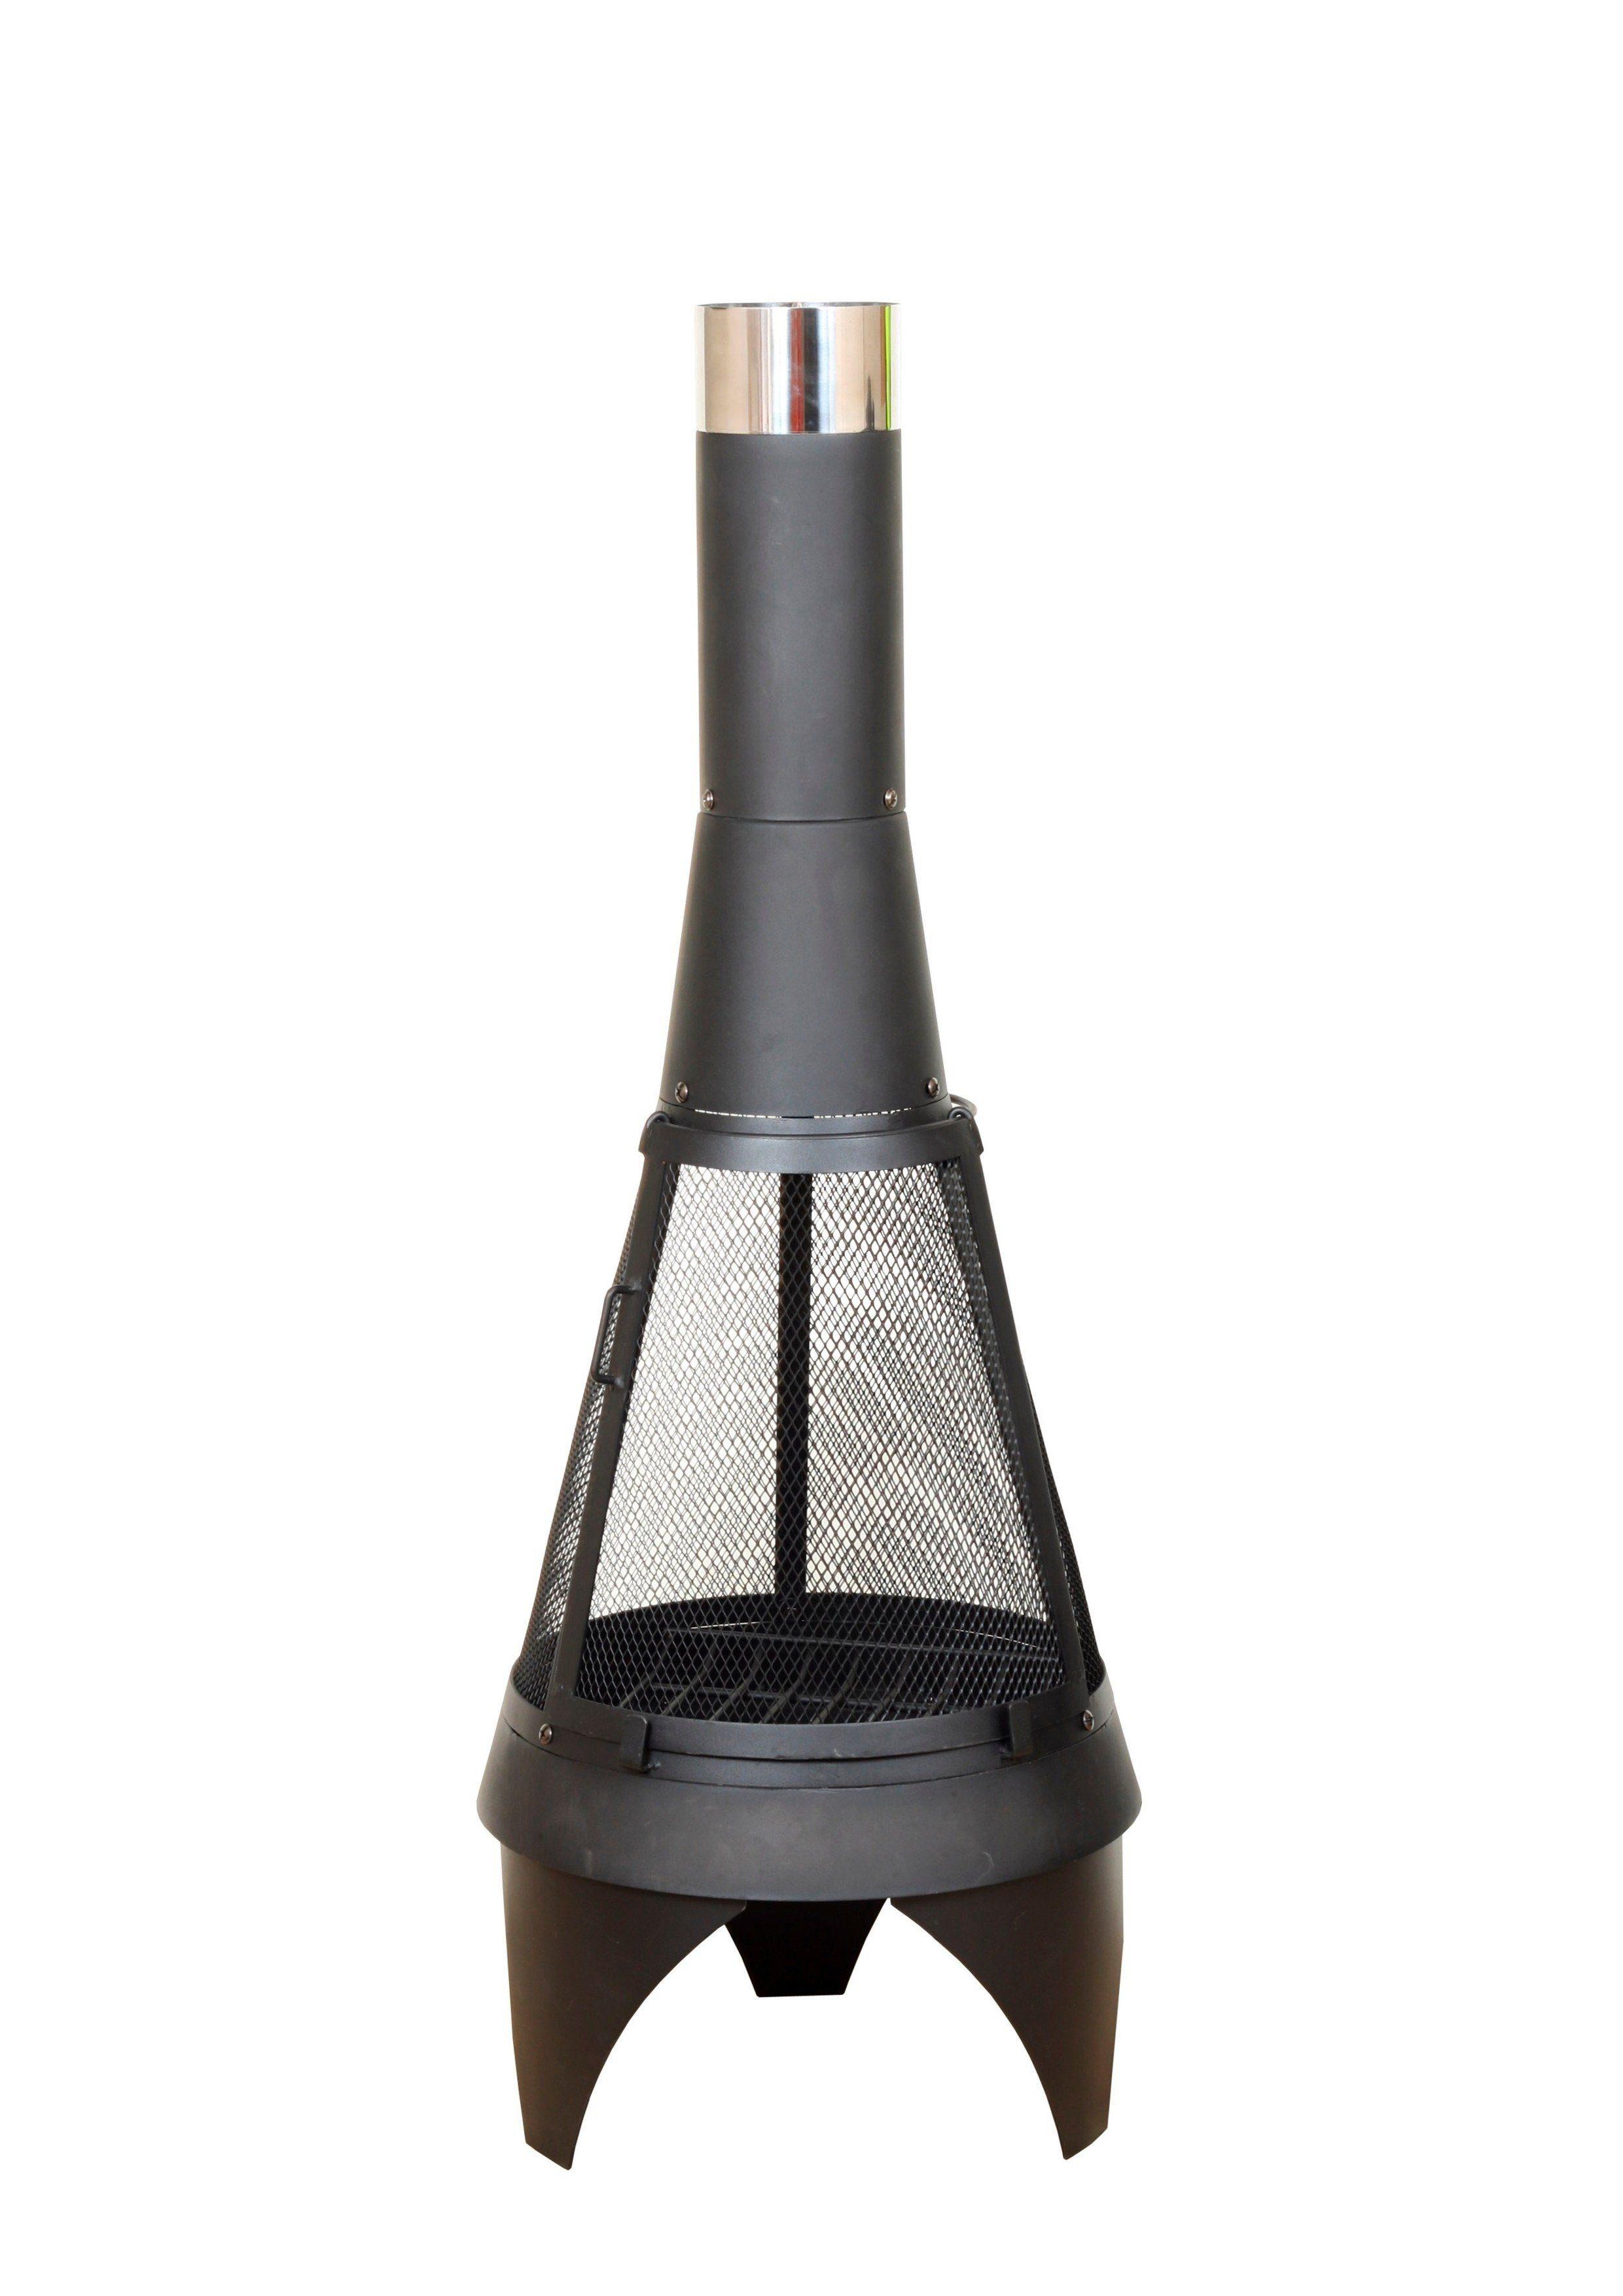 BUSCHBECK Feuerstelle »Colorado Mesh 125«, Ø/H: 45/125 cm